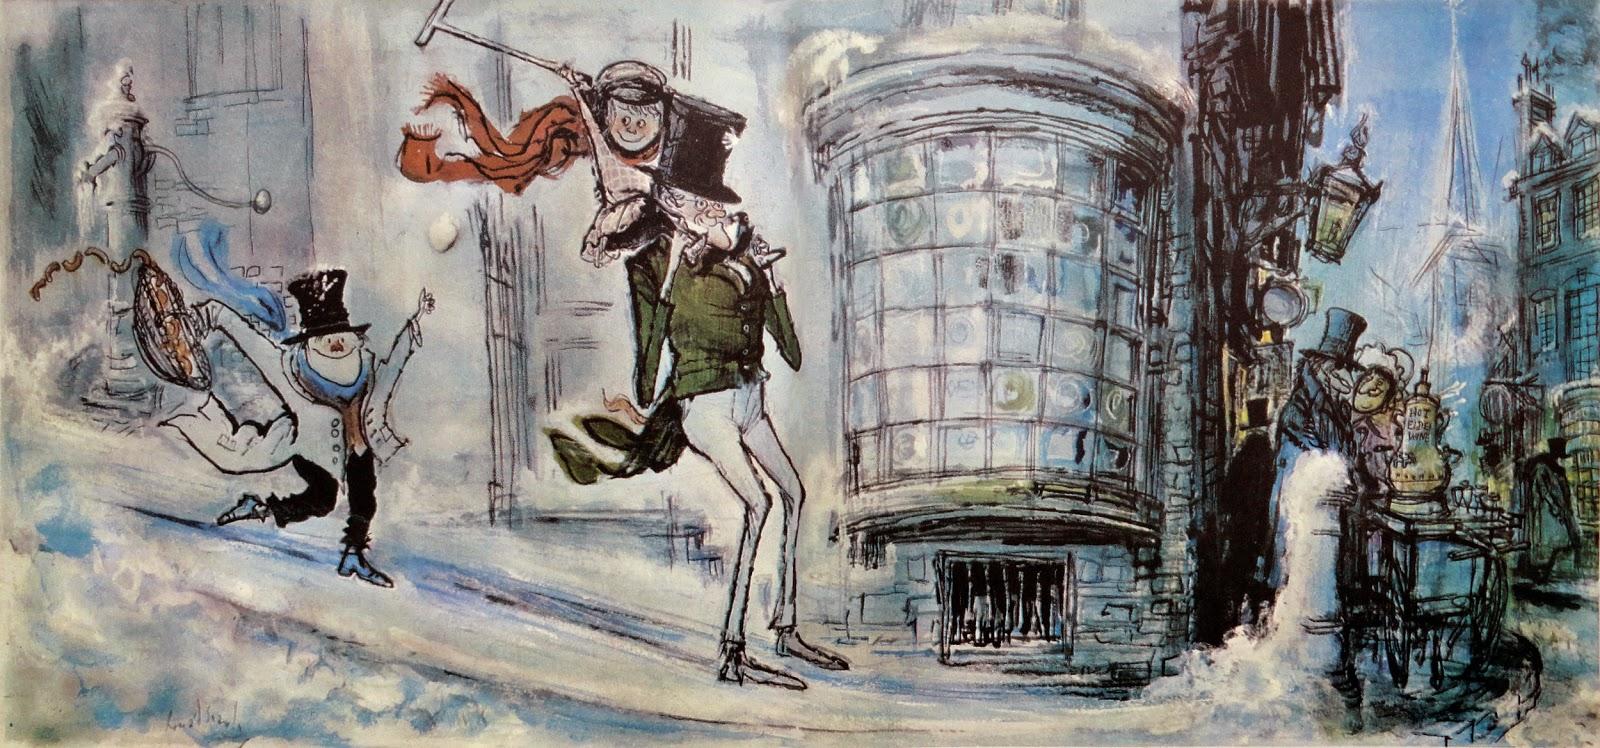 Dickens Christmas Carol Illustrations